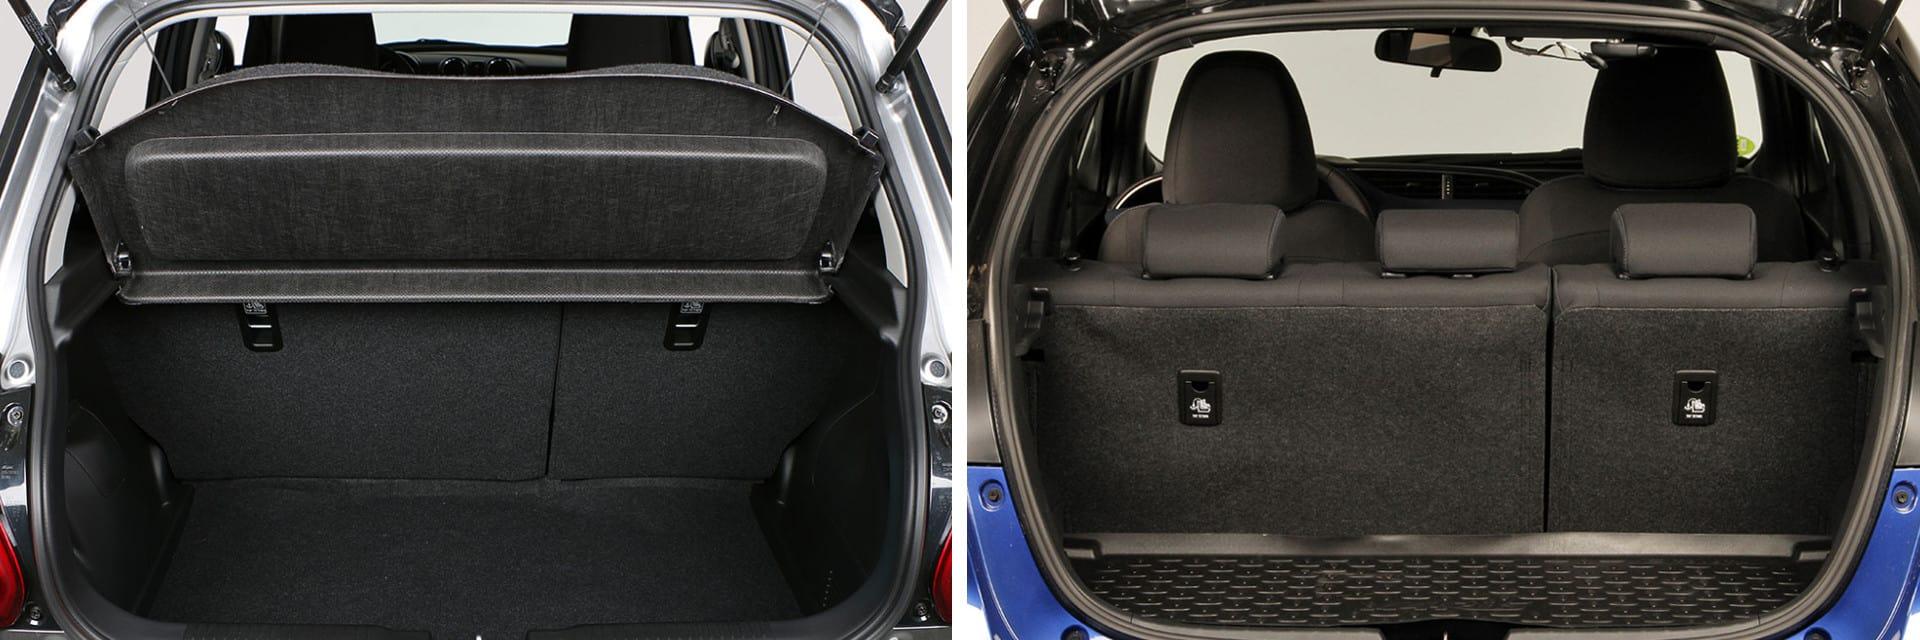 Ninguno destaca por tener un maletero grande, pero aun así el del Toyota Yaris (dcha.) tiene 21 litros más que el del Suzuki Swift (izq.)